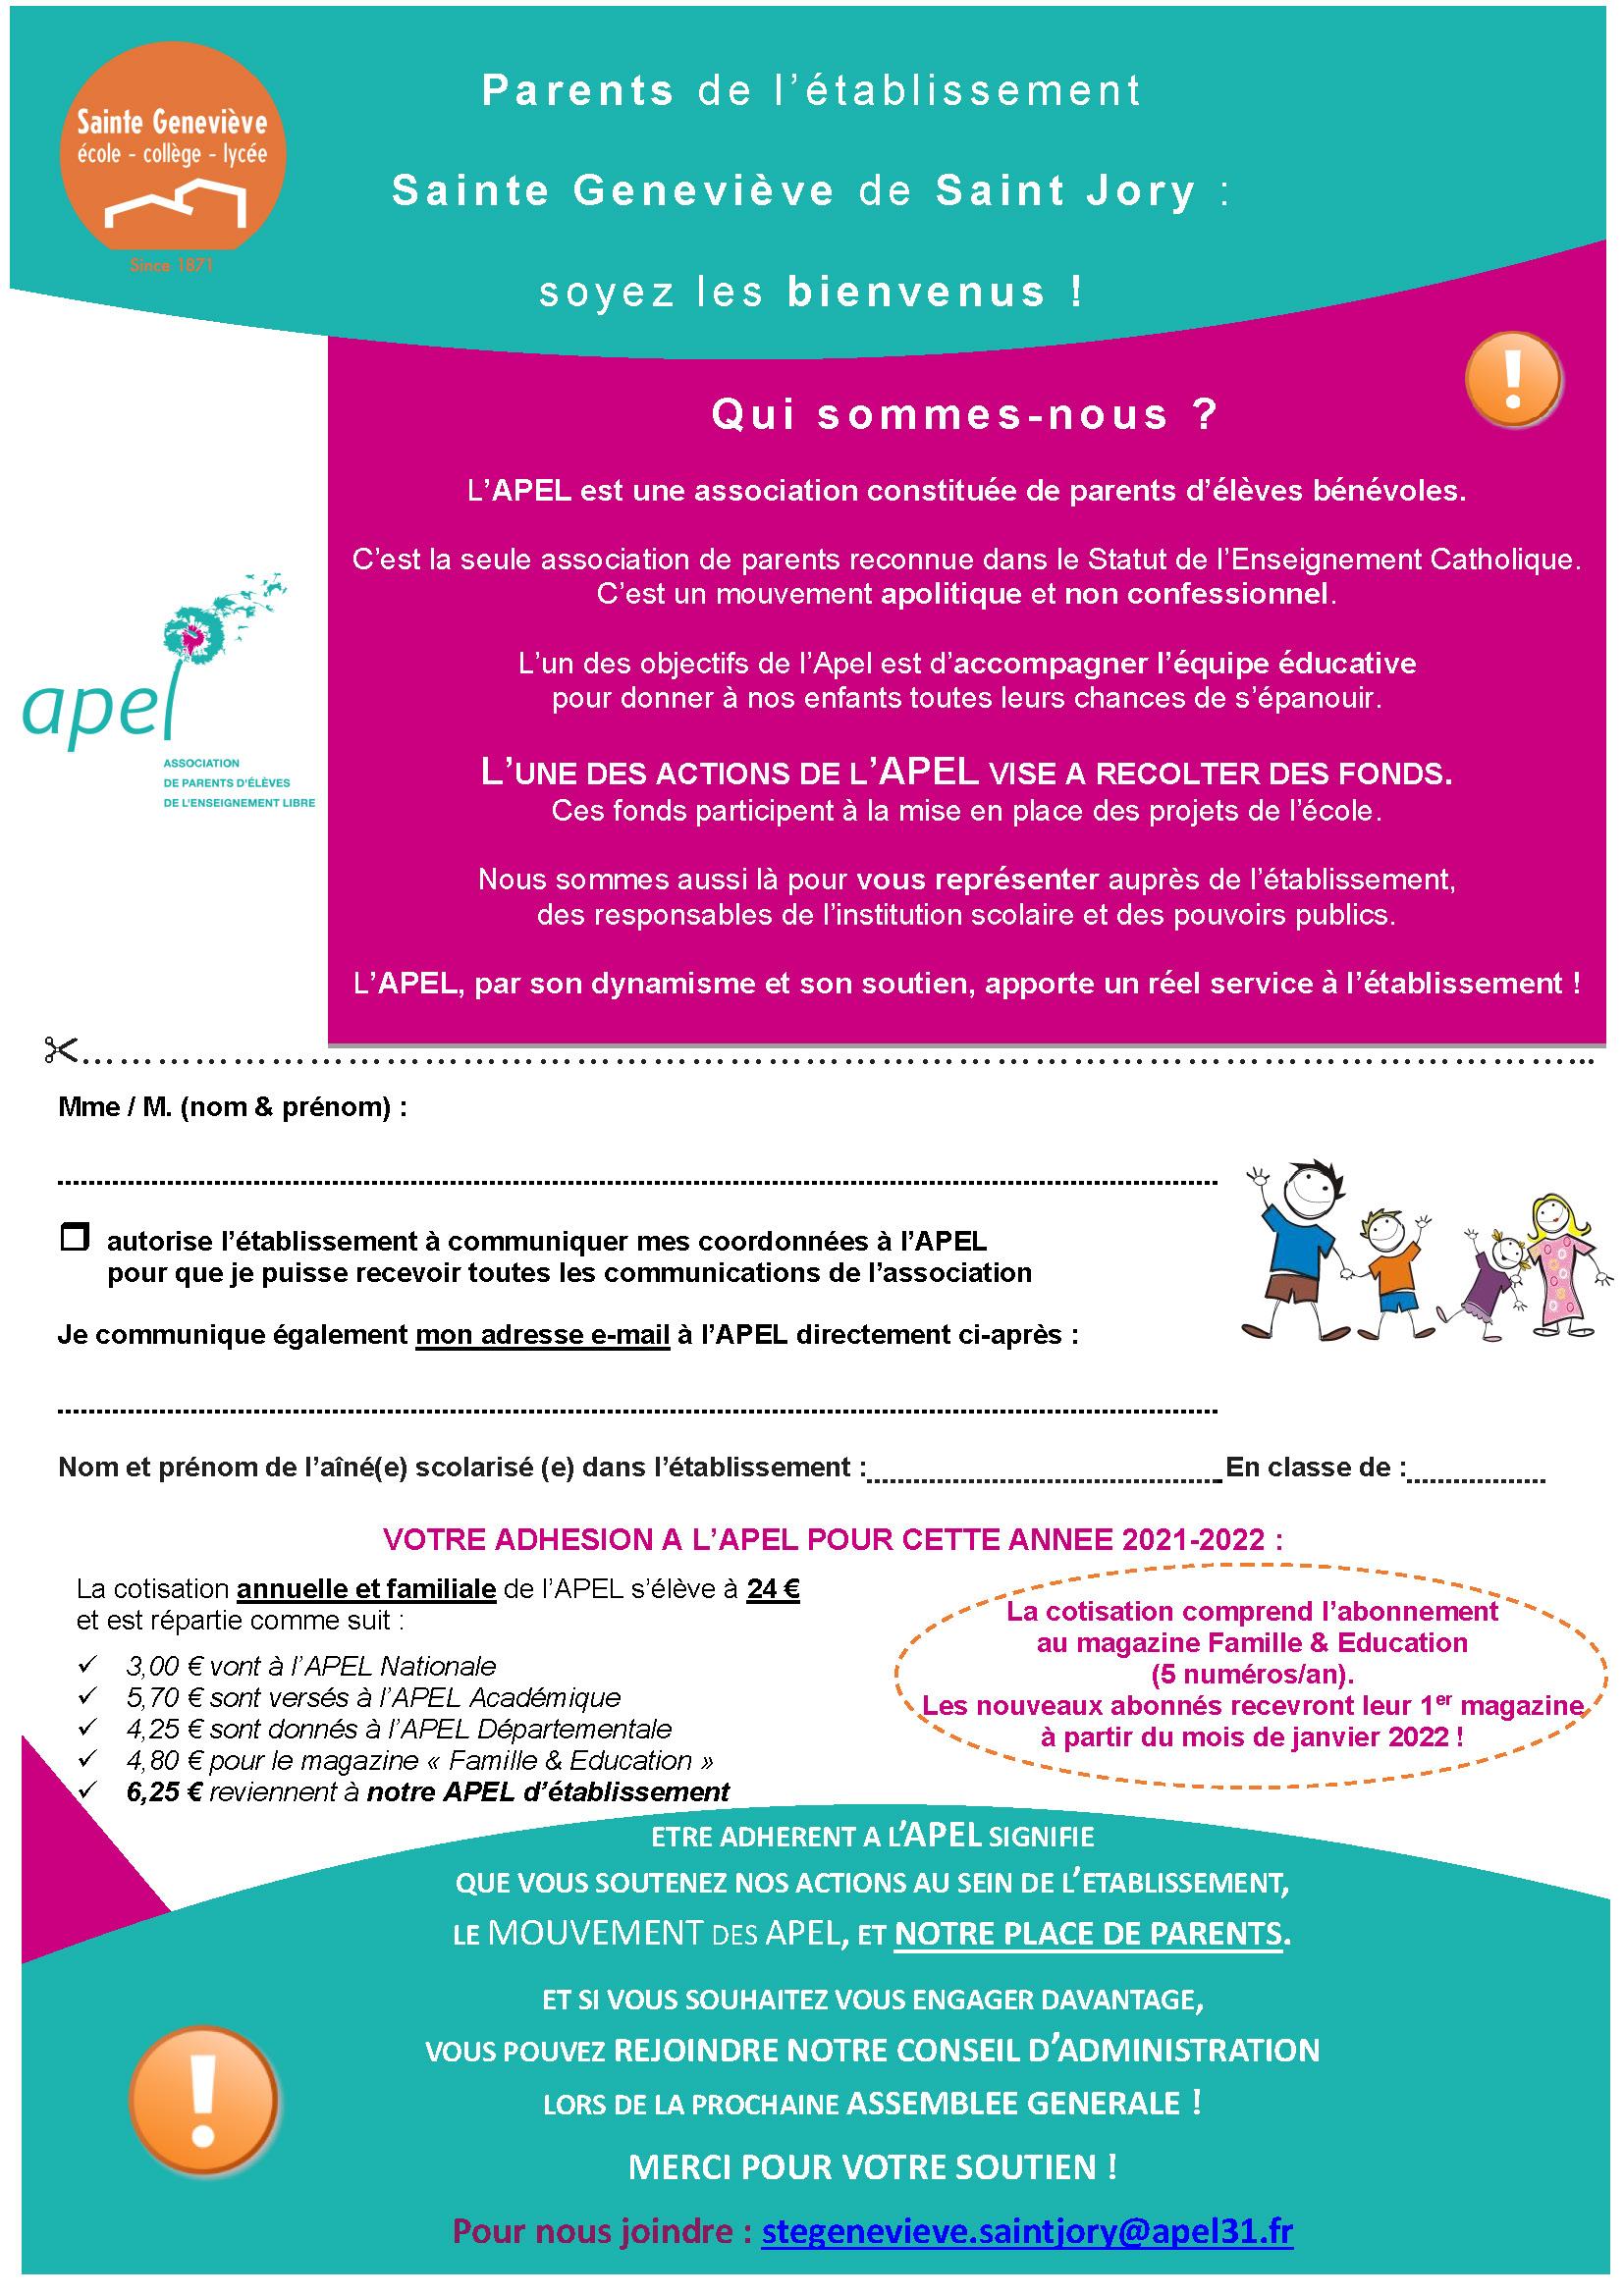 Bulletin d'adhésion à l'APEL